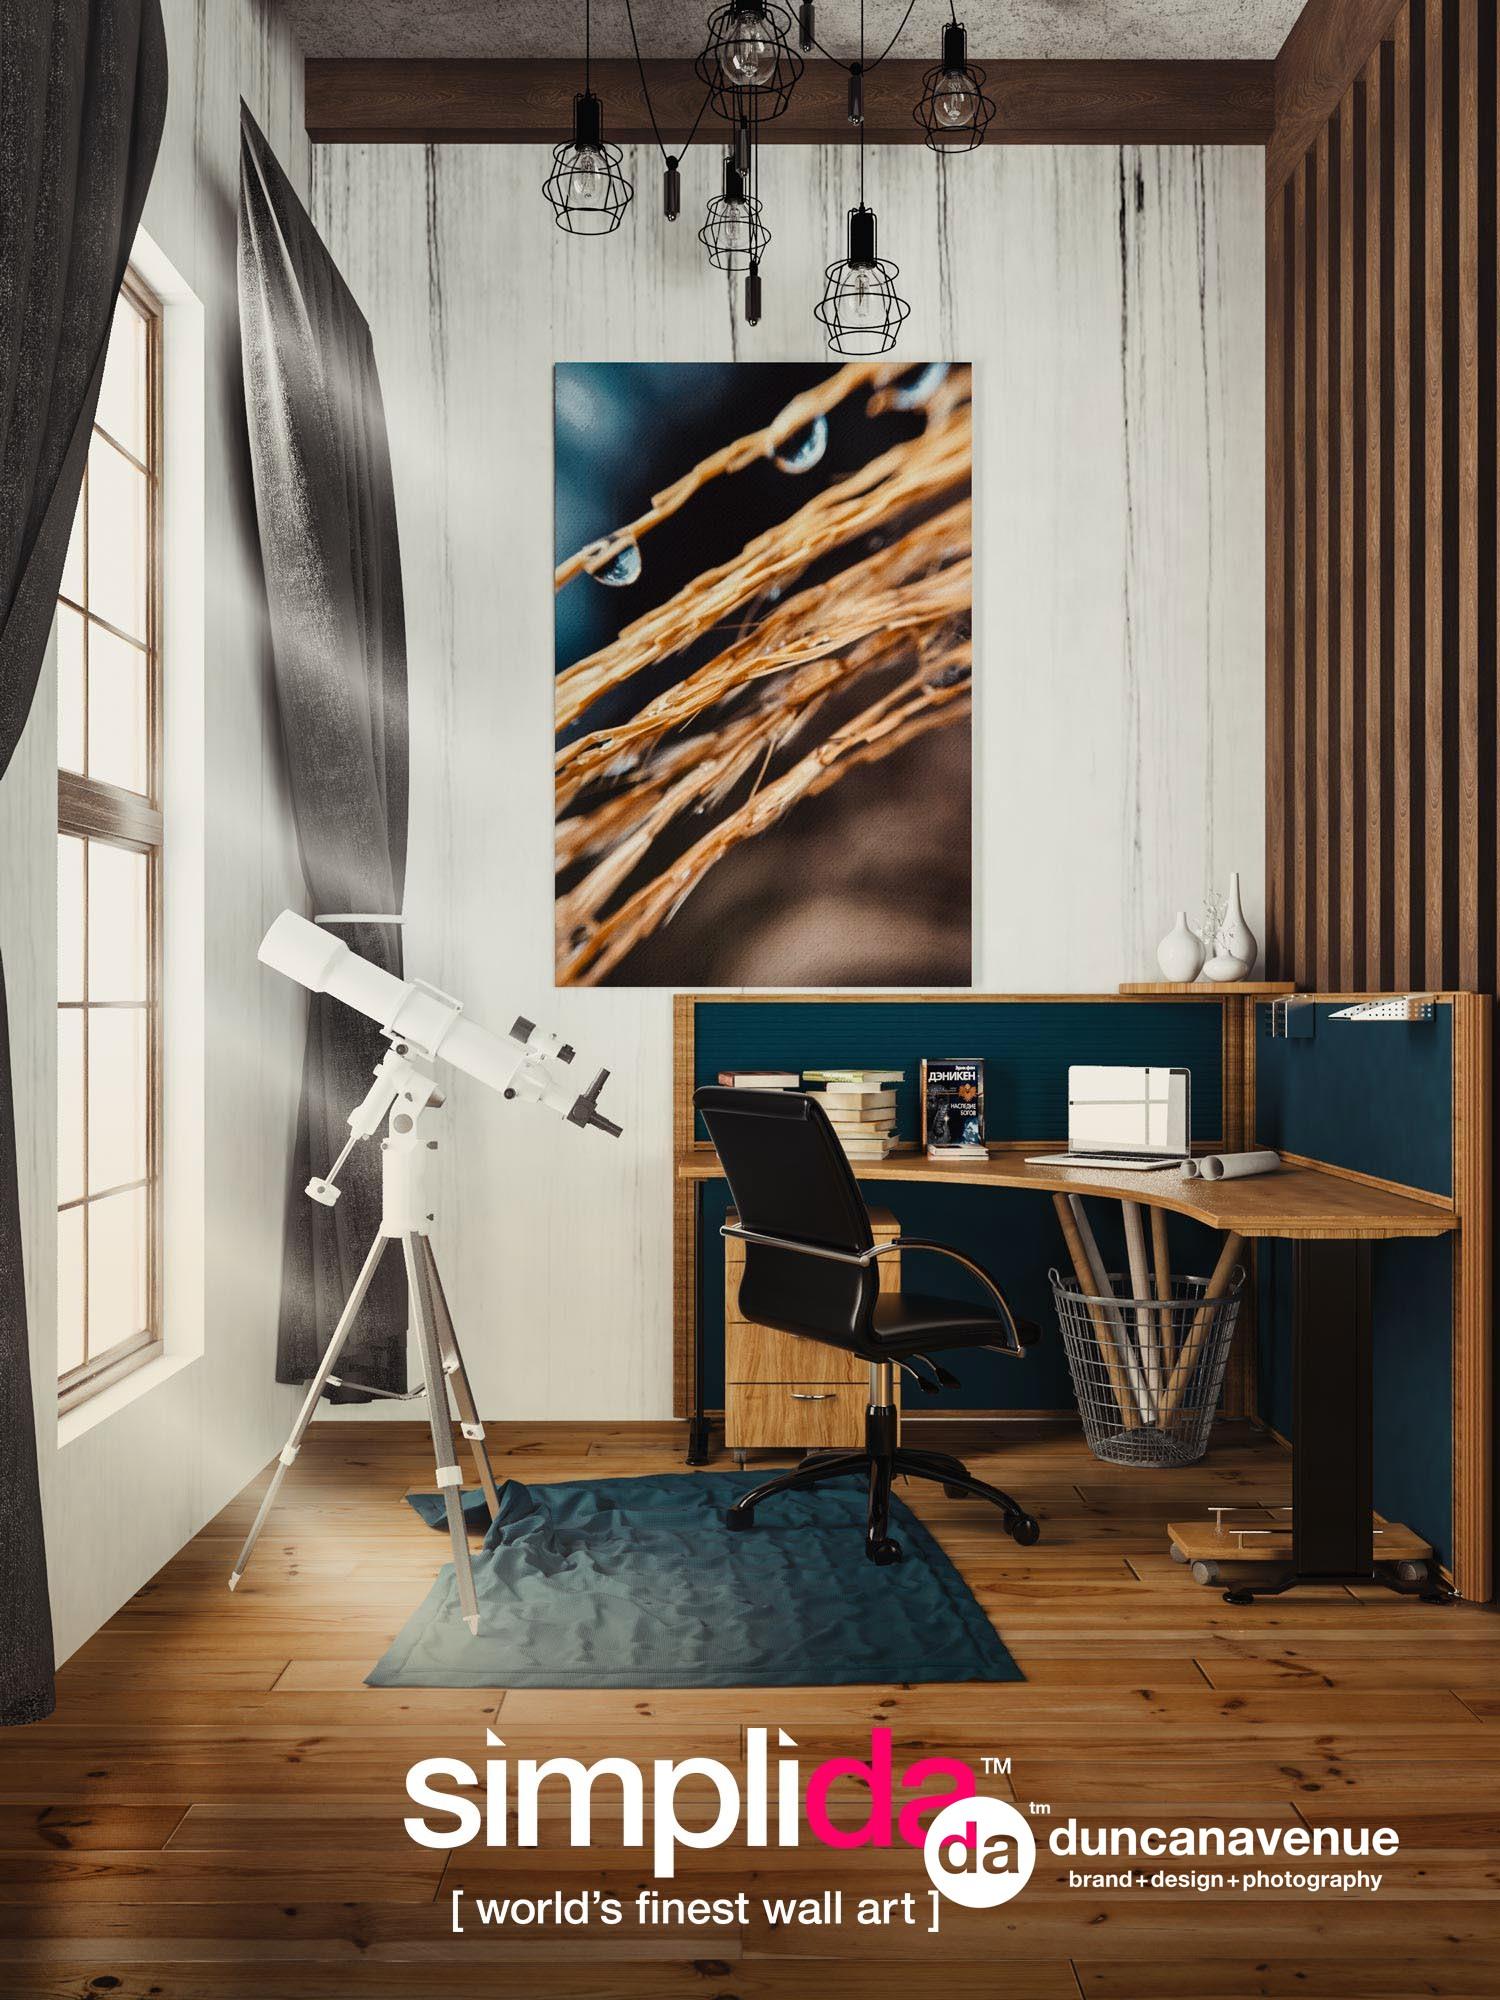 Best Wall Art – Wall Art Ideas and Home Decor